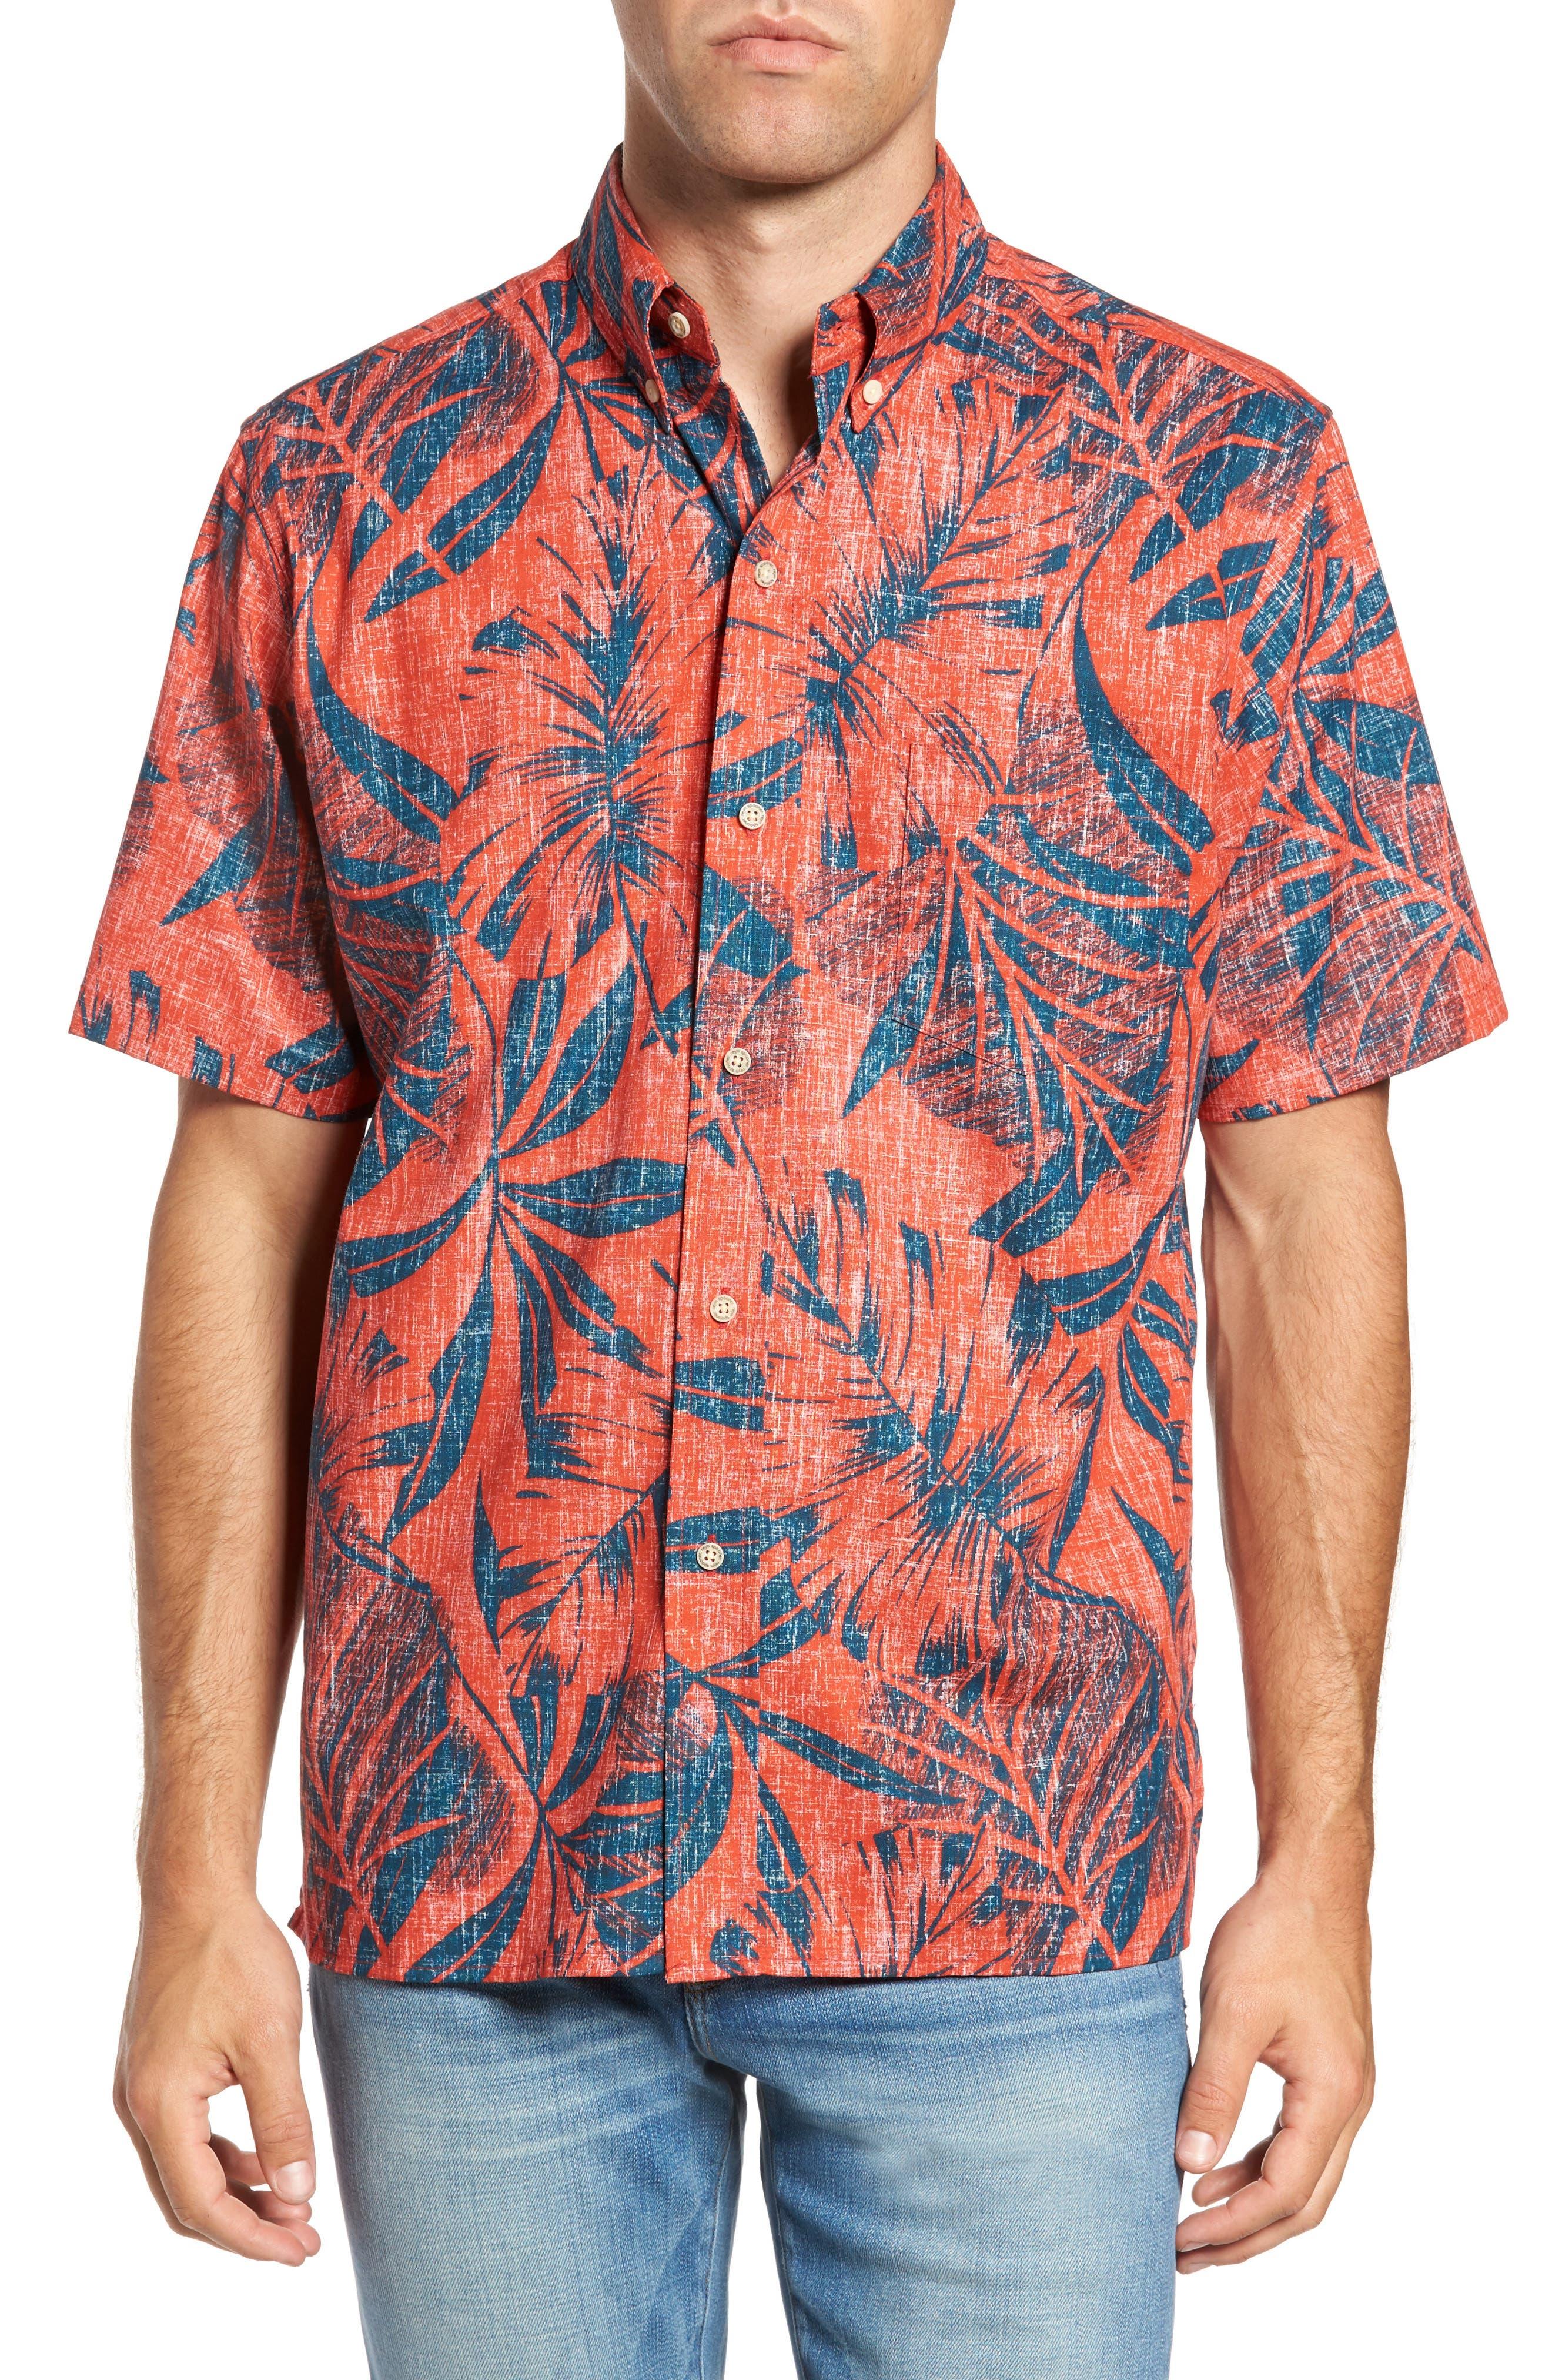 Kaha Lau Classic Fit Sport Shirt,                             Main thumbnail 1, color,                             661